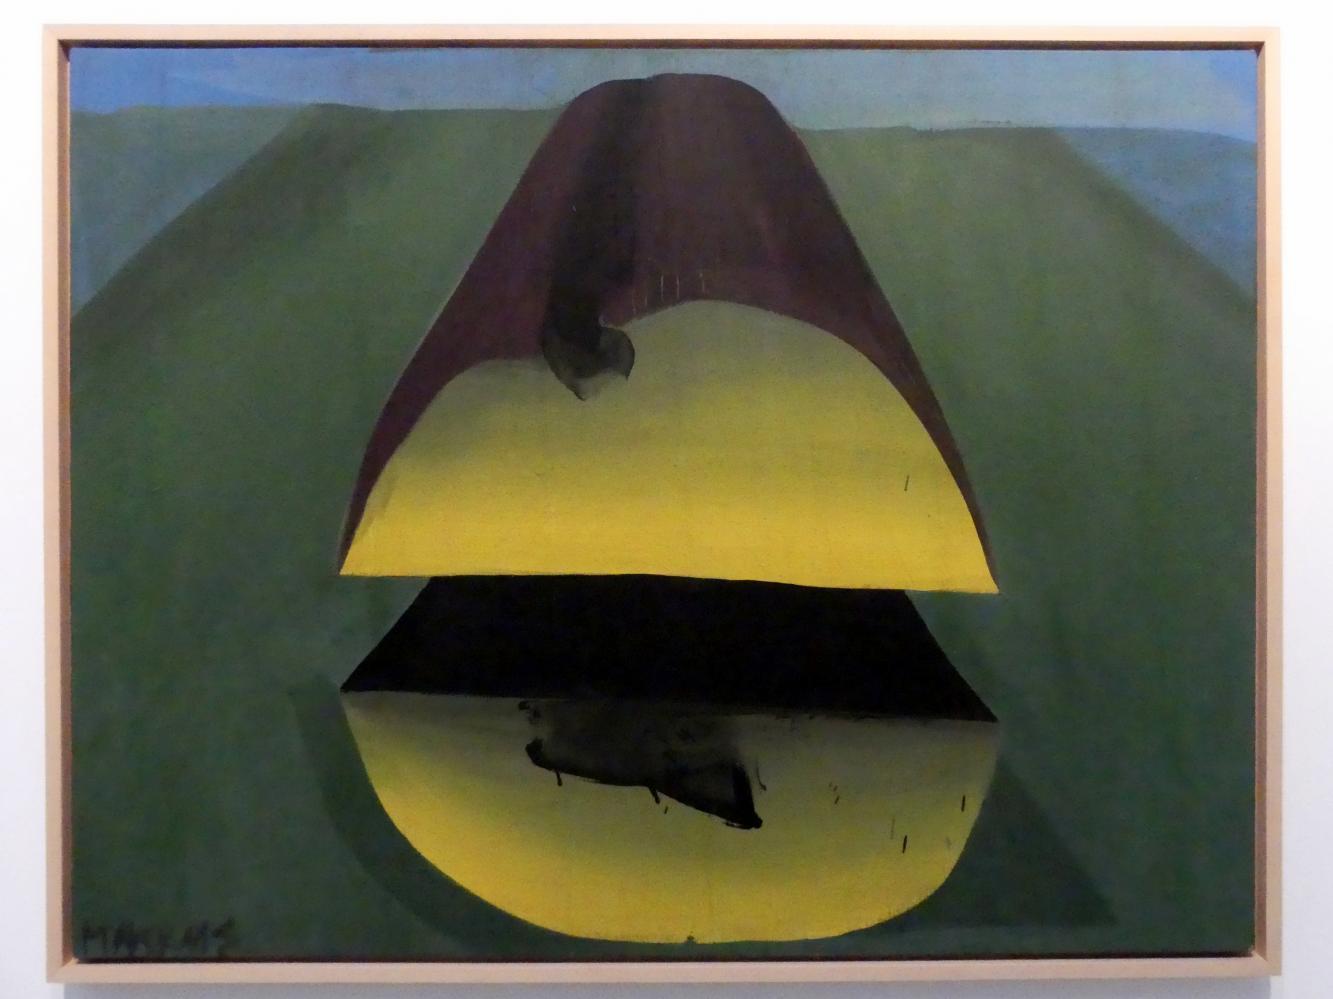 Markus Lüpertz: Baumstamm - dithyrambisch, 1966